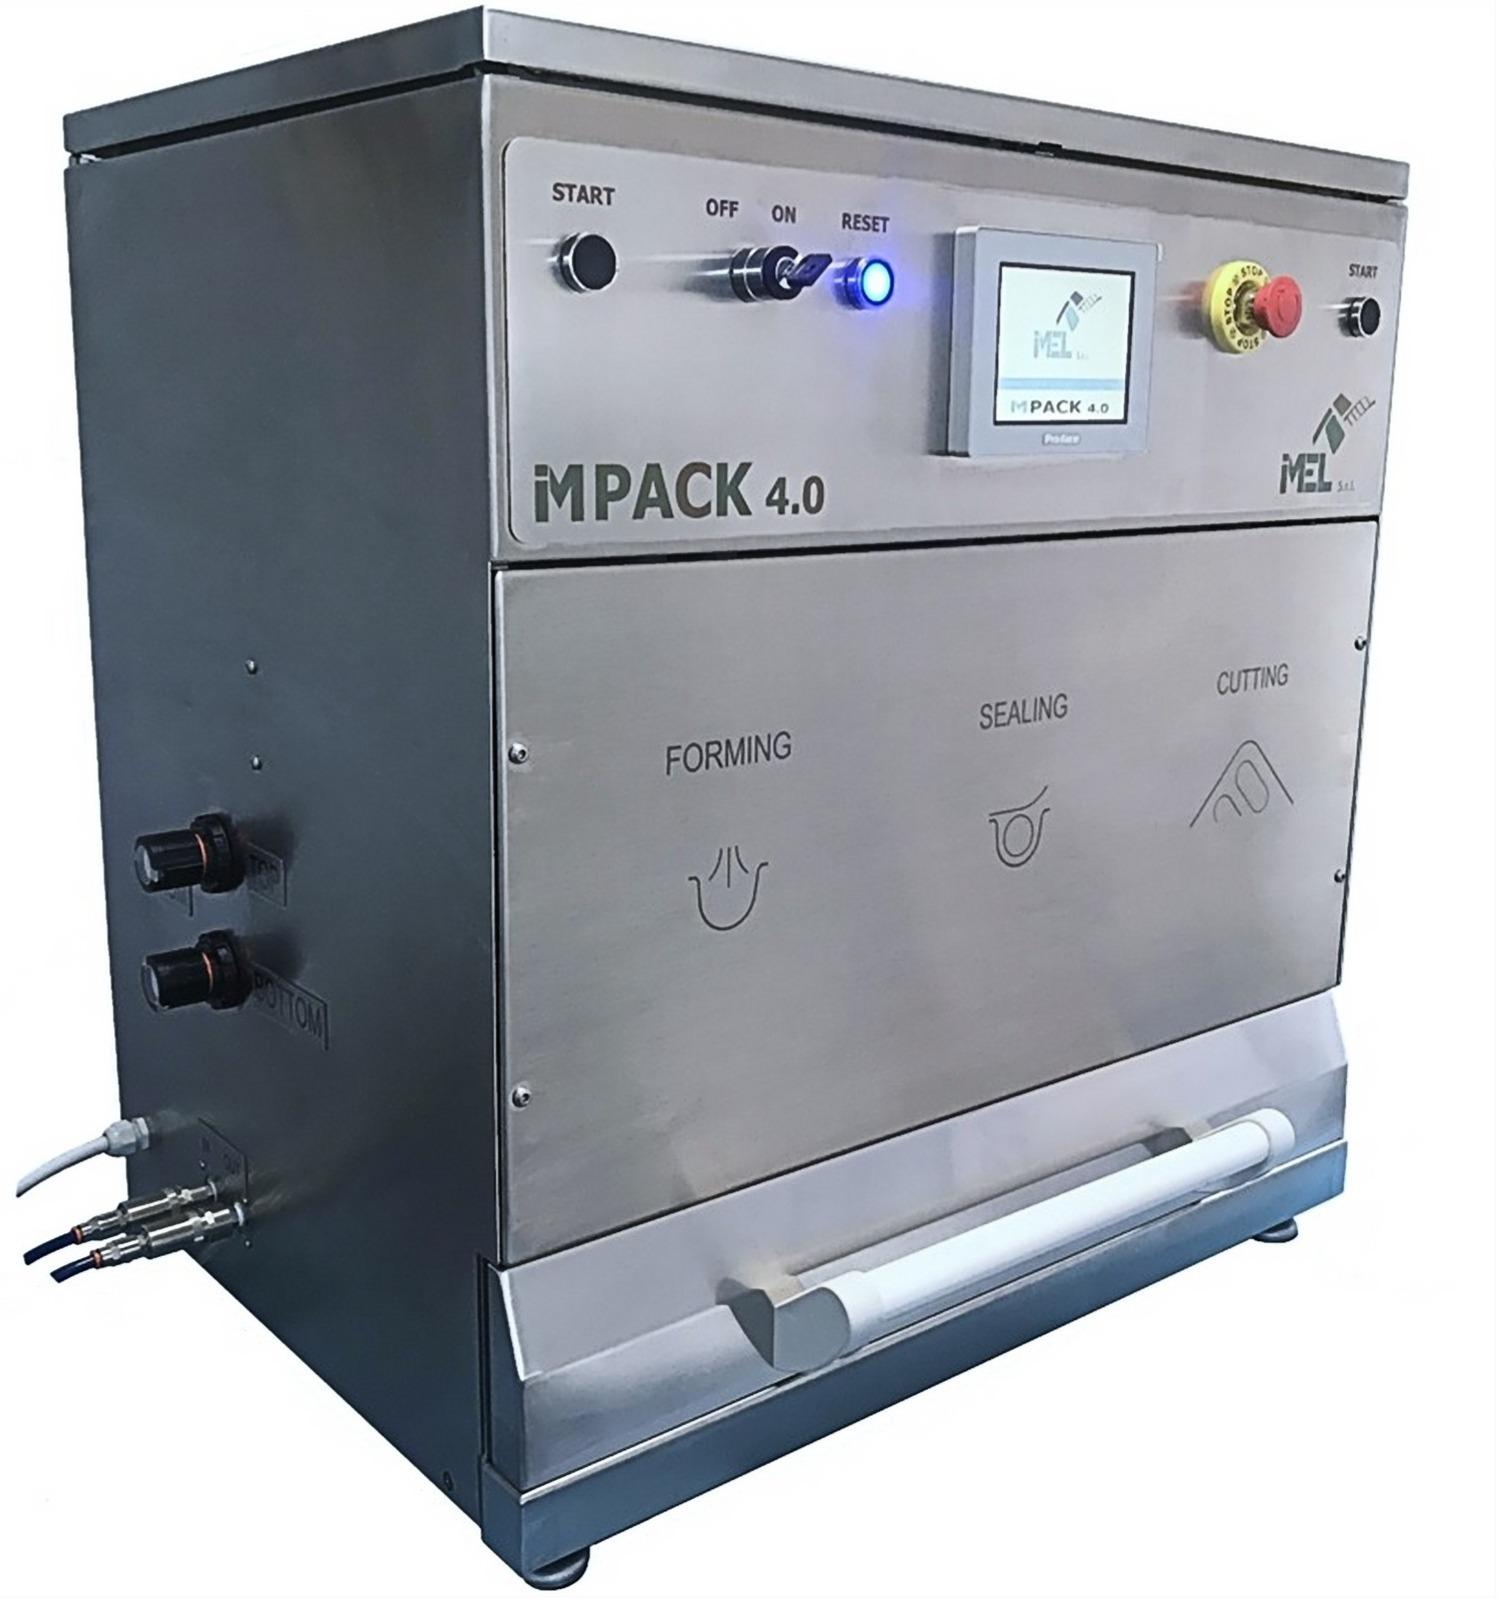 IMPACK4.0